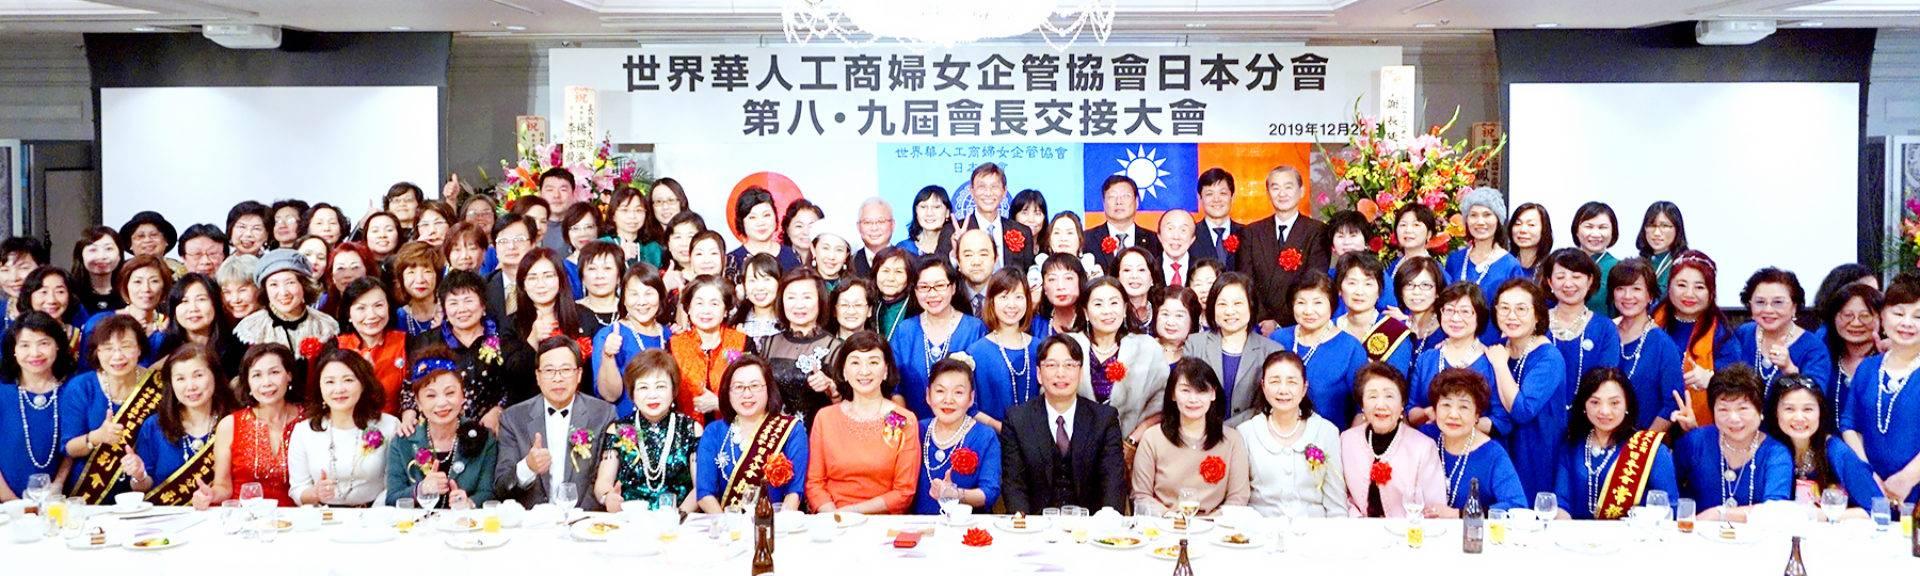 世界華人工商婦女企管協會 日本分會